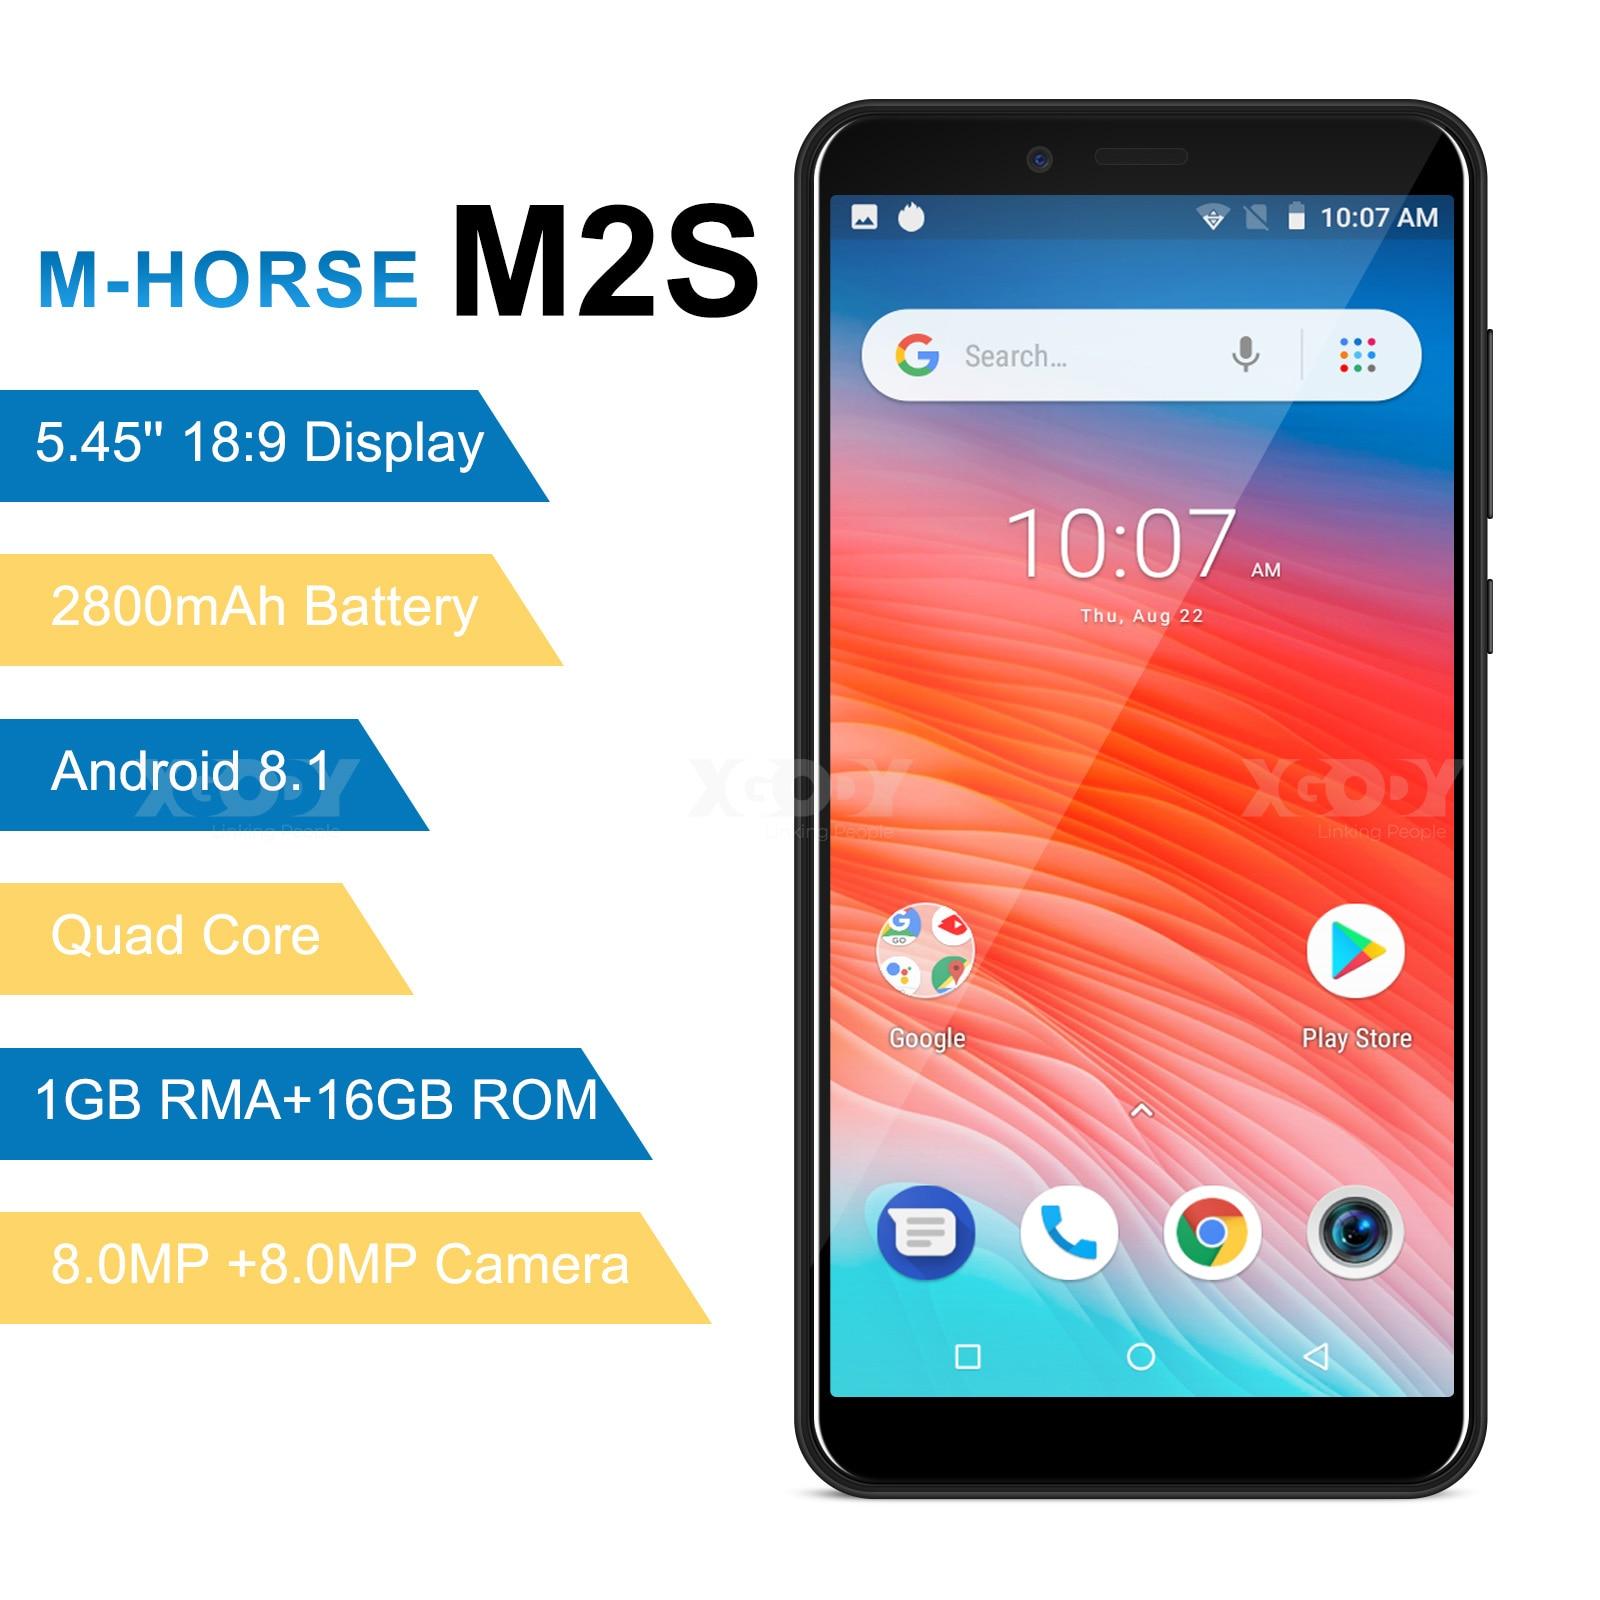 M-HORSE M2S Quad Core de Smartphones Android 8.1 2800mAh Celular 1GB + 16GB 5.45 polegada de Tela 18:9 Dupla câmera 3 Telefone Móvel G